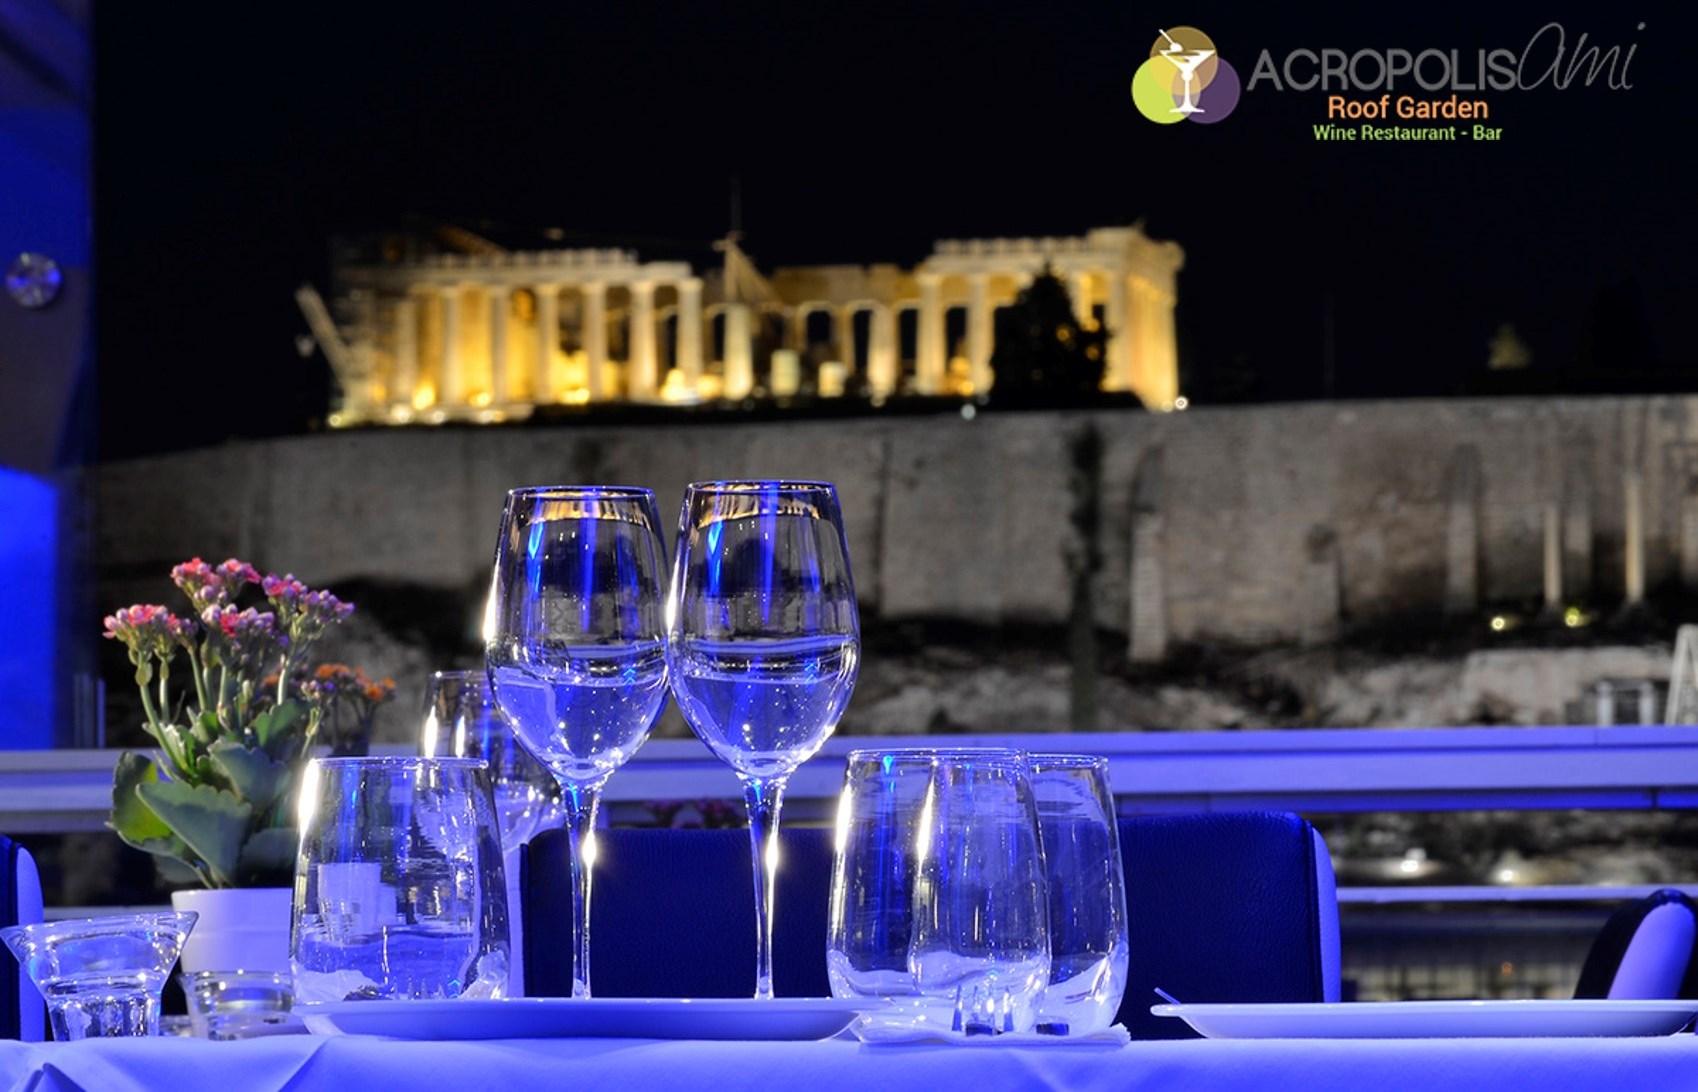 48€ από 80€ για πλήρες menu 2 ατόμων, ελεύθερη επιλογή, στο ''Acropolis Ami Roof Garden'', ένα από τα καλύτερα εστιατόρια της Αθήνας, με μοναδική θέα στην Ακρόπολη και τον Παρθενώνα, στο Λυκαβηττό και το λόφο του Φιλοπάππου εικόνα